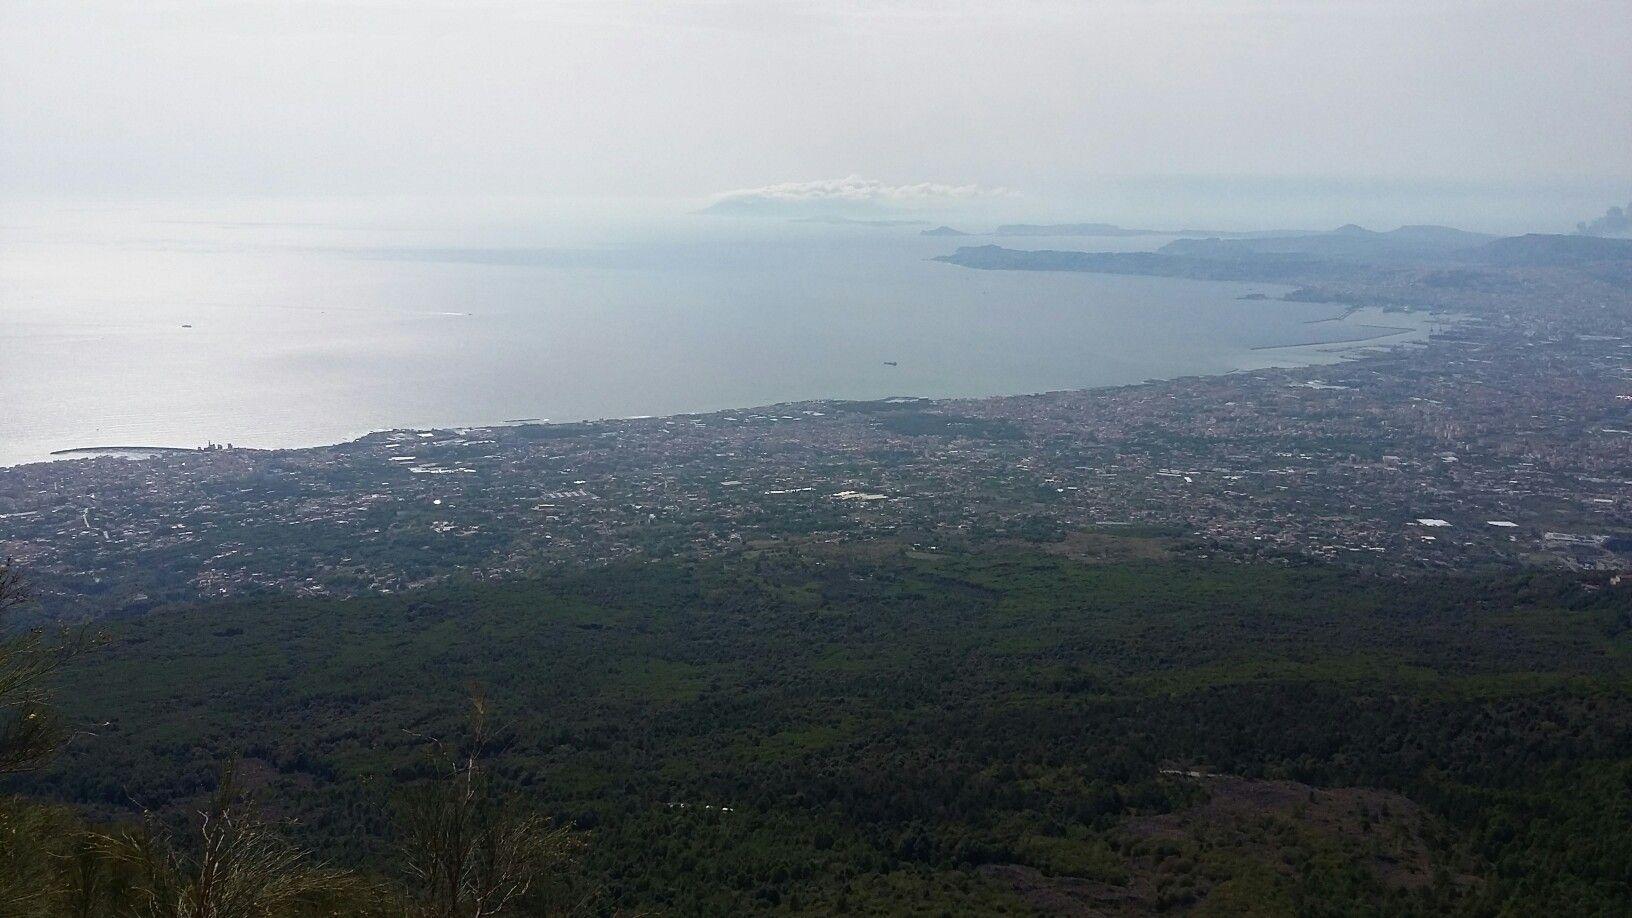 Vue sur la baie de Naples depuis le Vésuve